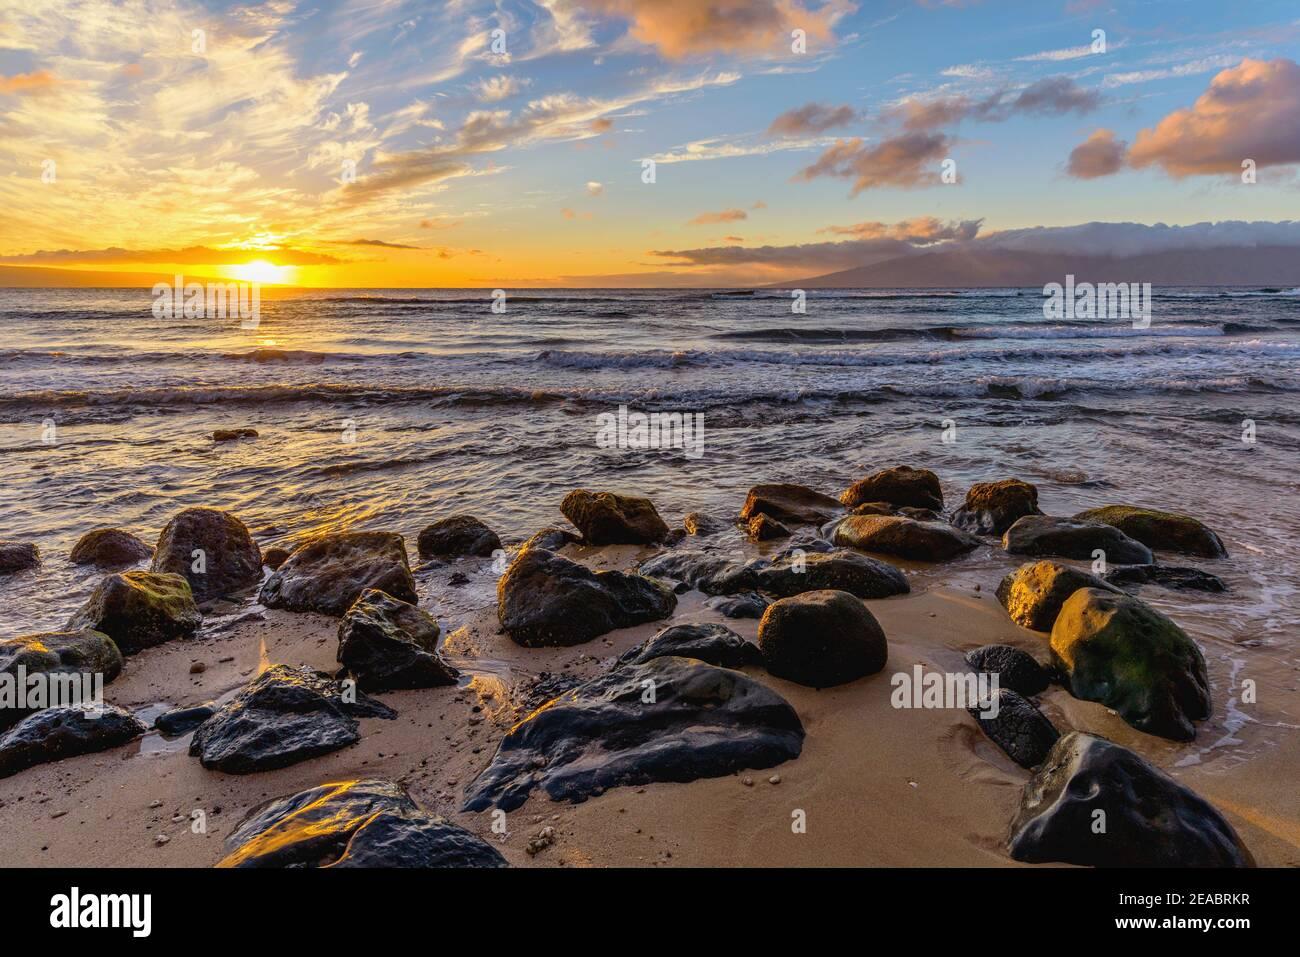 Sunset Rocky Coast - una colorata vista al tramonto di una spiaggia rocciosa sulla costa nord-occidentale di Maui, Hawaii, USA. Foto Stock